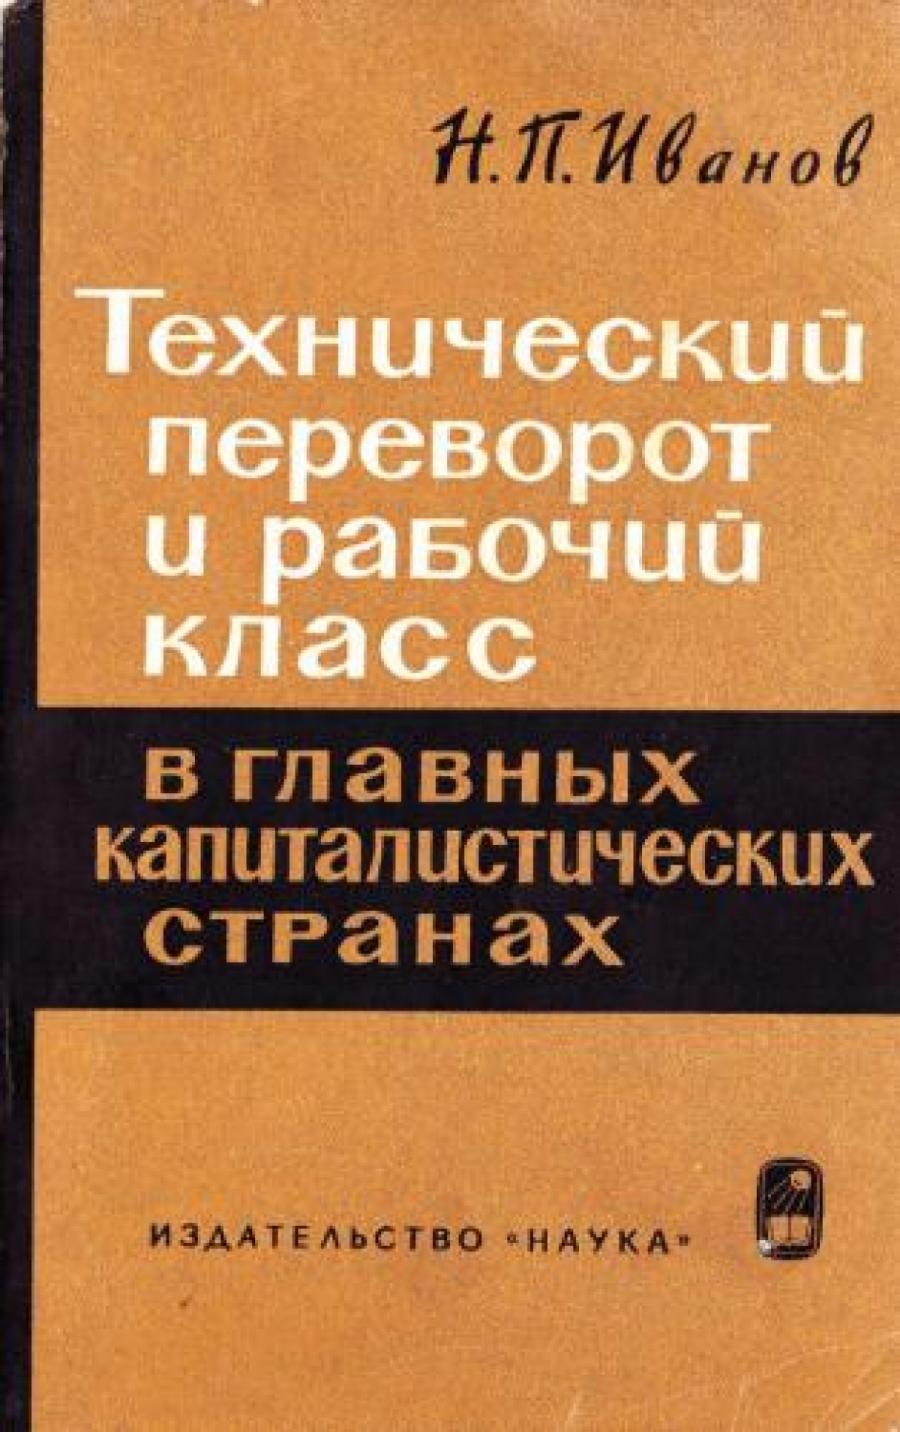 Обложка книги:  иванов н.п. - технический переворот и рабочий класс в главных капиталистических странах